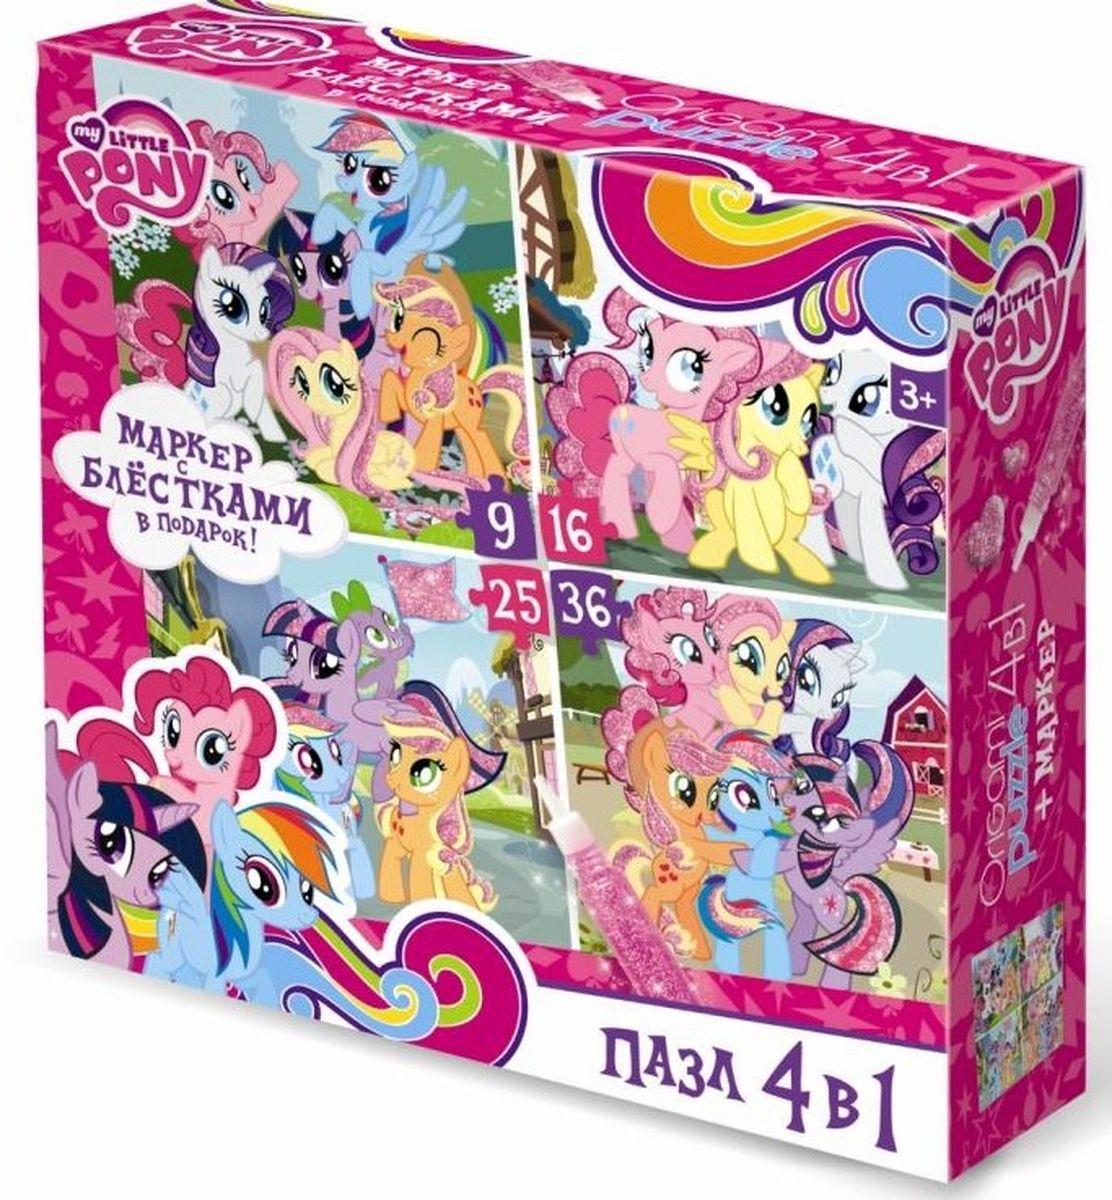 Оригами Пазл MLP 4 в 1 0210402104Пазл 4 в 1 на 9, 16, 25, 36 элемента с маленькими пони – это приятный сюрприз для каждой принцессы. Собери красочные картинки с героями мульт-сериала «My little pony»! Это легко и просто. Пазл за пазлом пони страны Эквестрии будут рассказывать свои истории и делиться секретами.